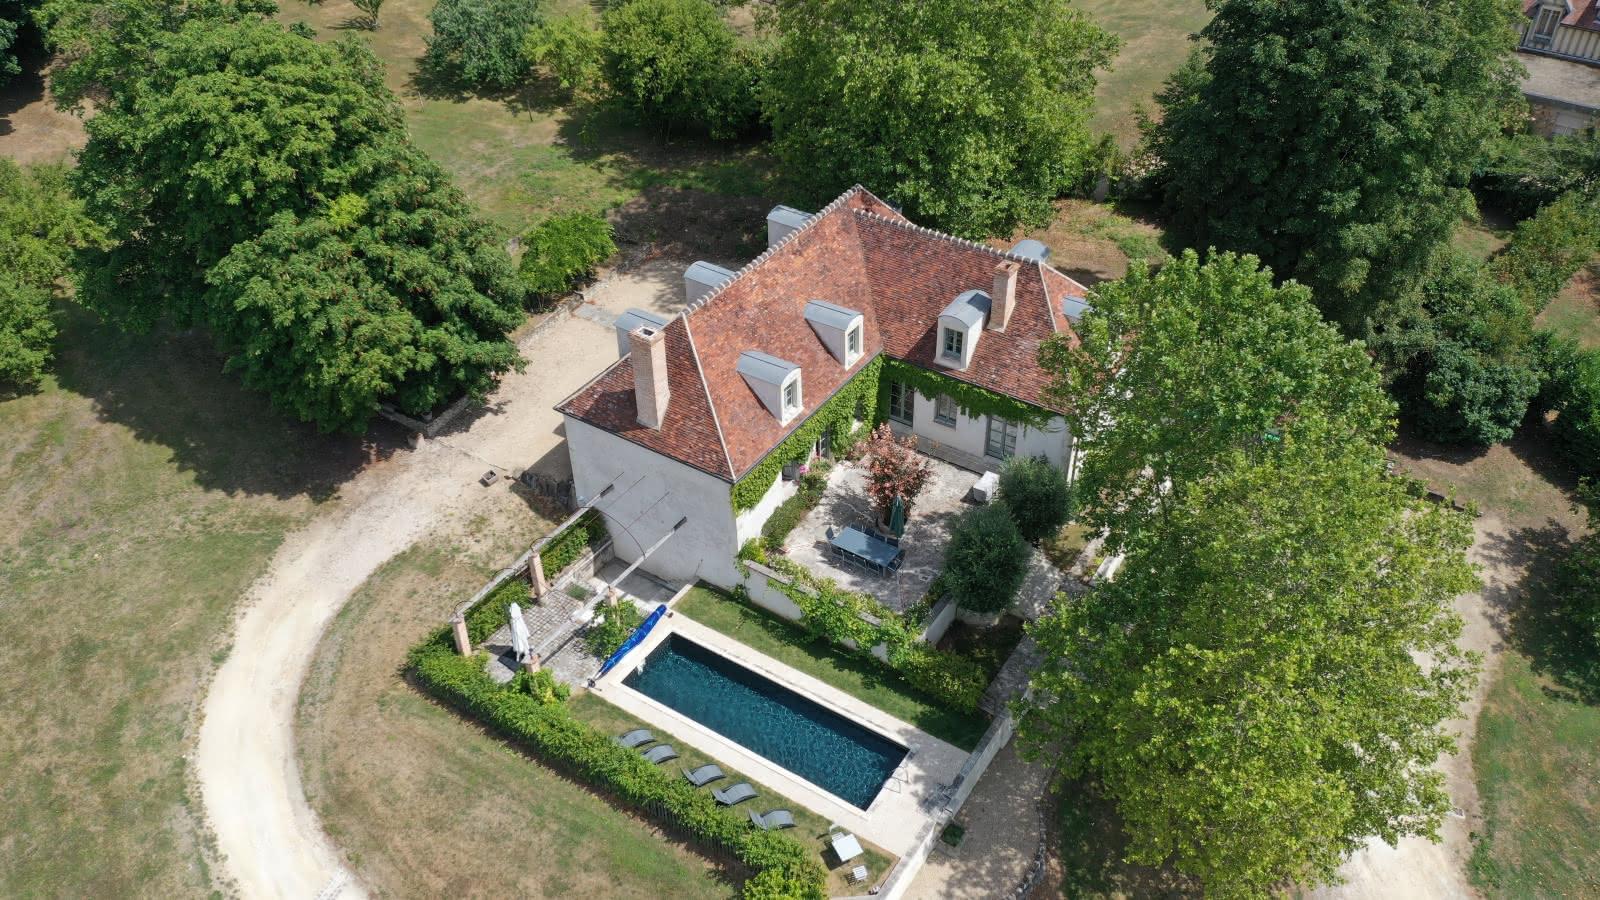 Photo prise du ciel de la maison d'hôtes La Clairière de la Reine Hortense avec sa piscine